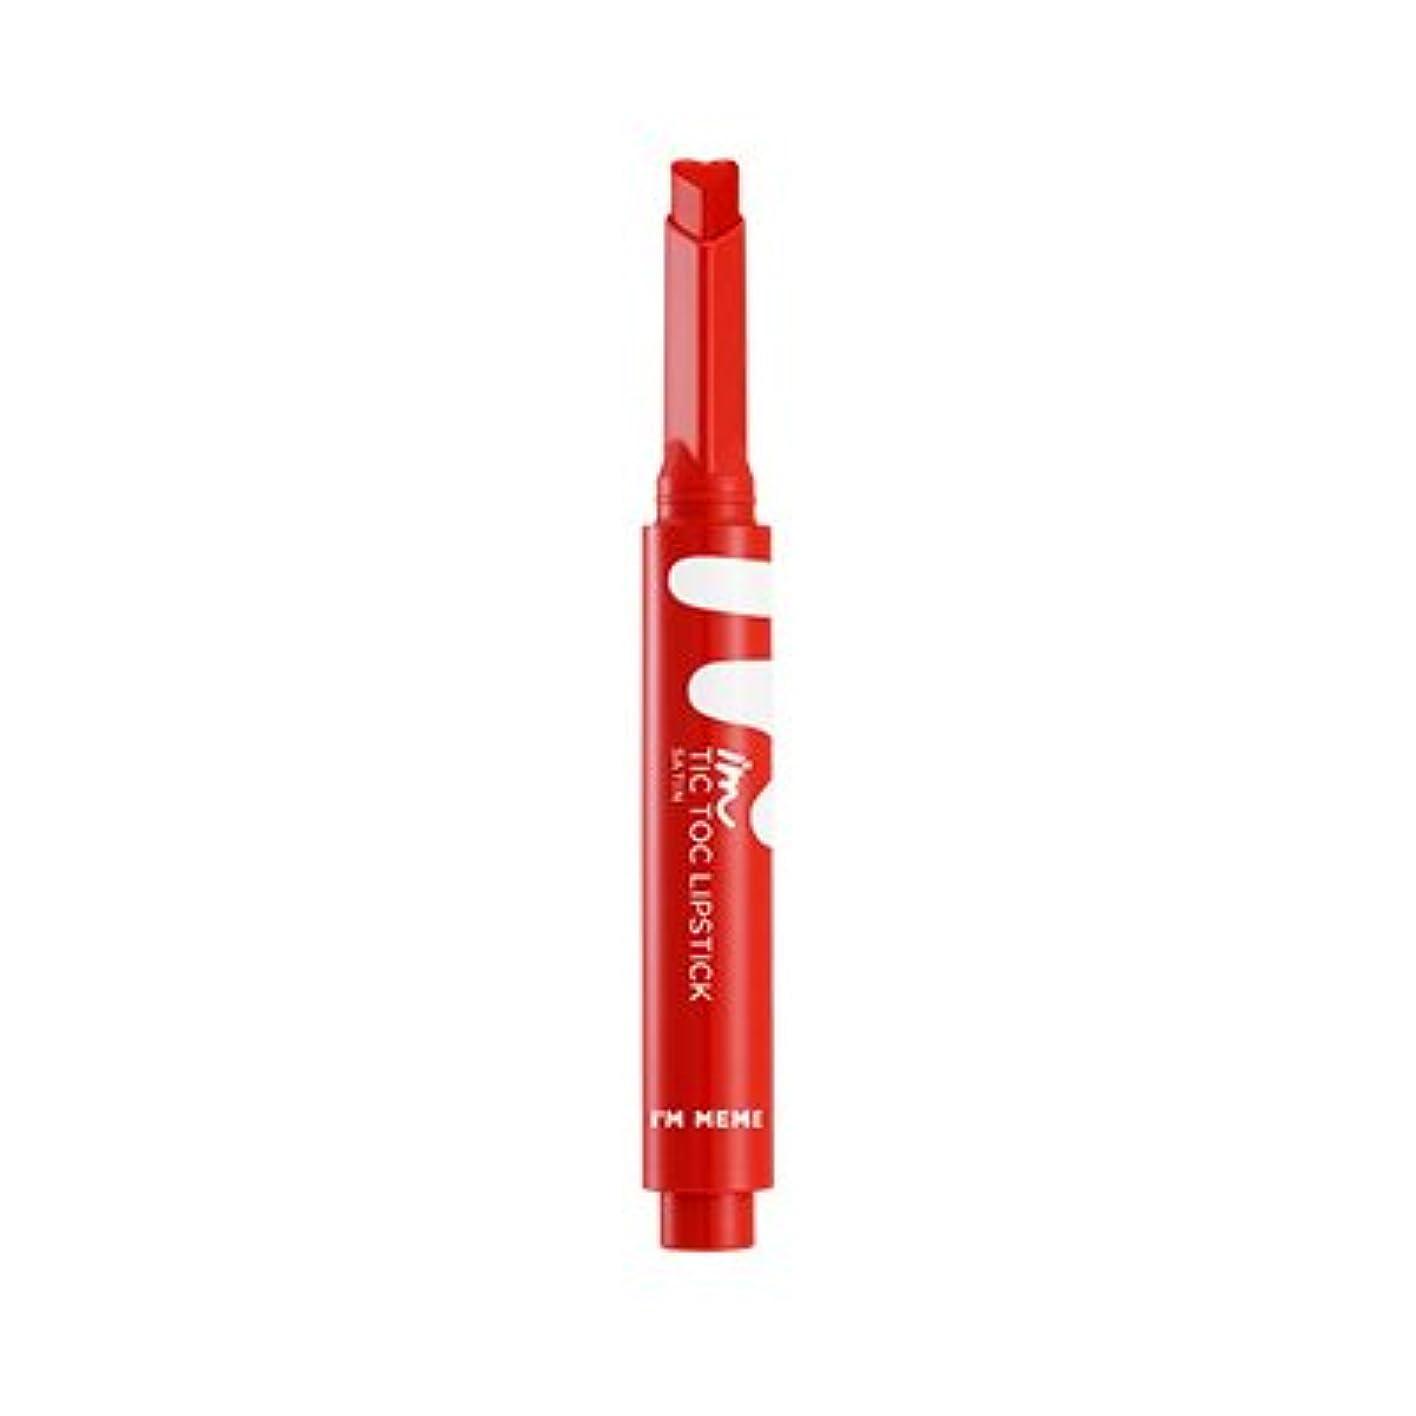 最も遠い海里唇I'M TIC TOC LIPSTICK SATIN / アイムティックトックリップスティックサテン (3.SCARLET RED)